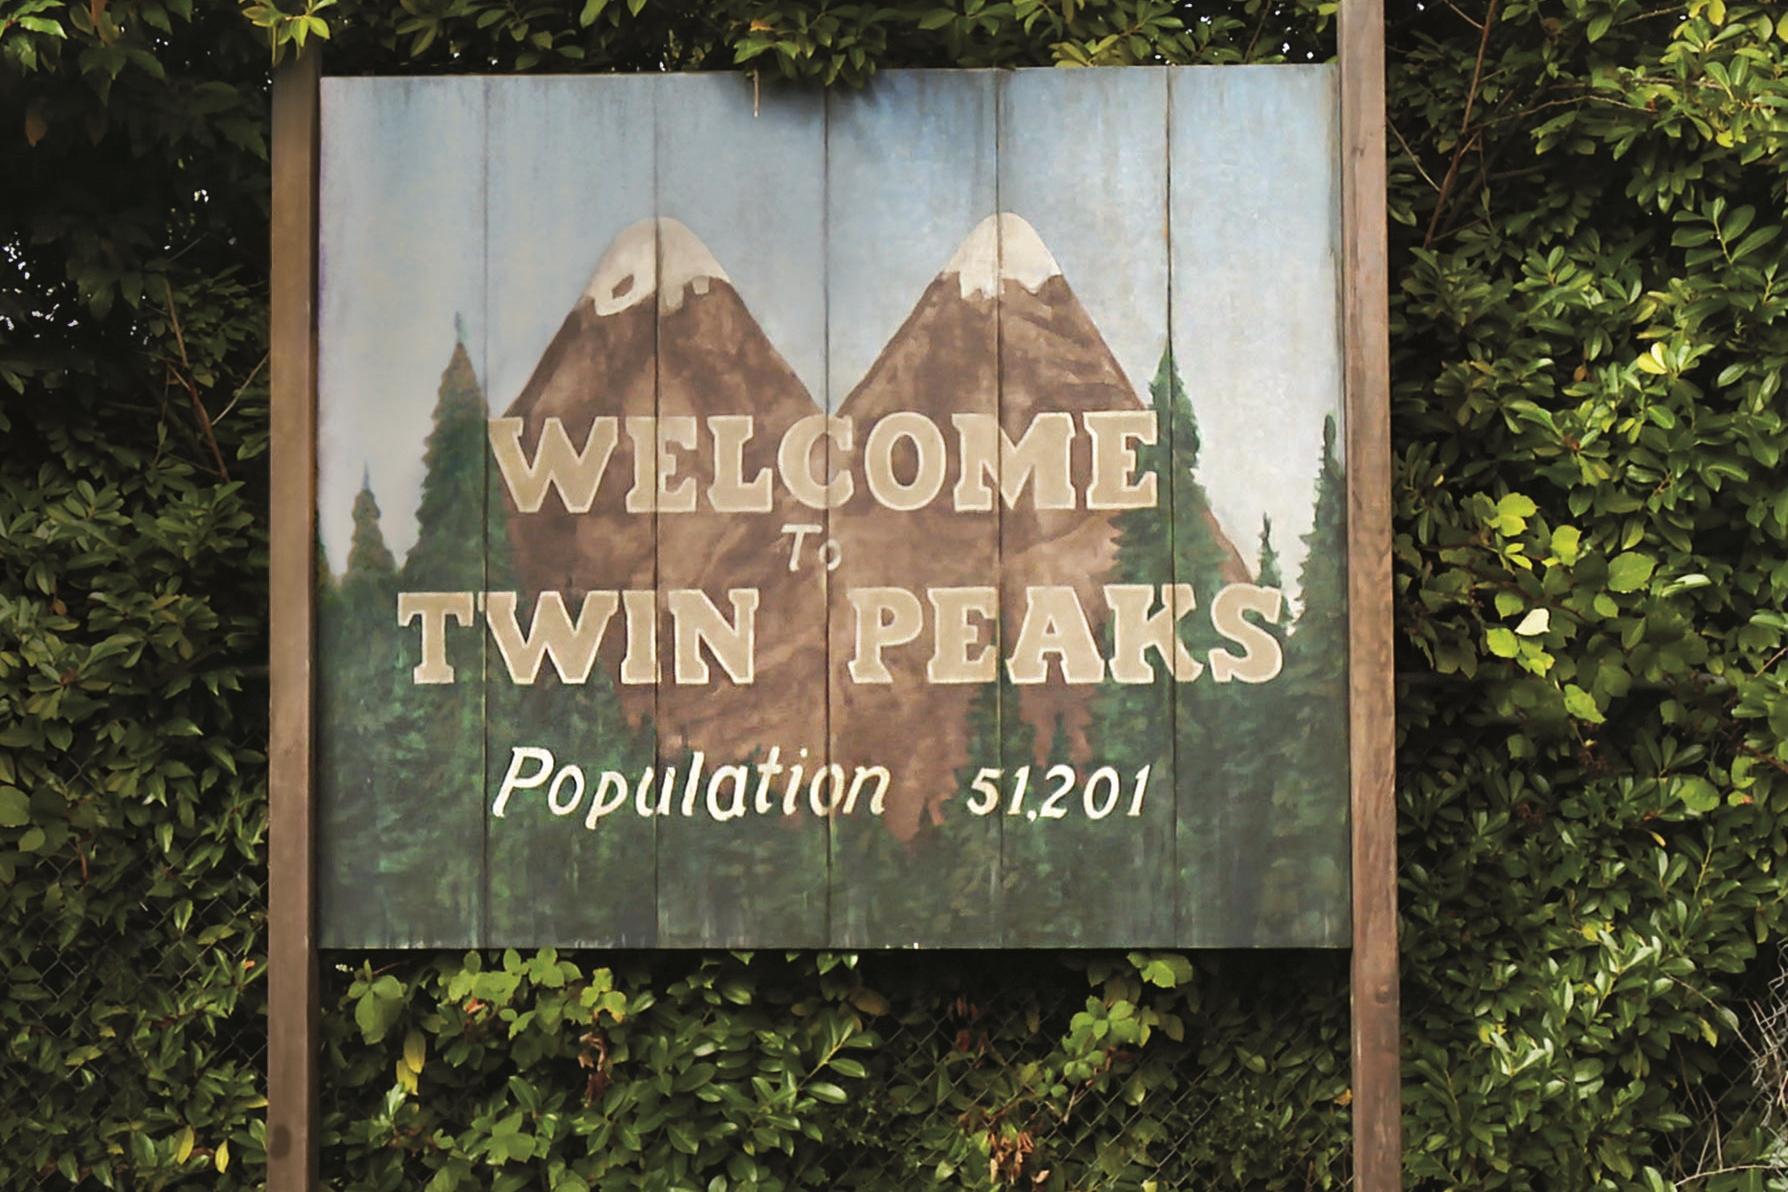 NAGRADNA IGRA: V sodelovanju s HBO Slovenija podarjamo majico kultne serije Twin Peaks!